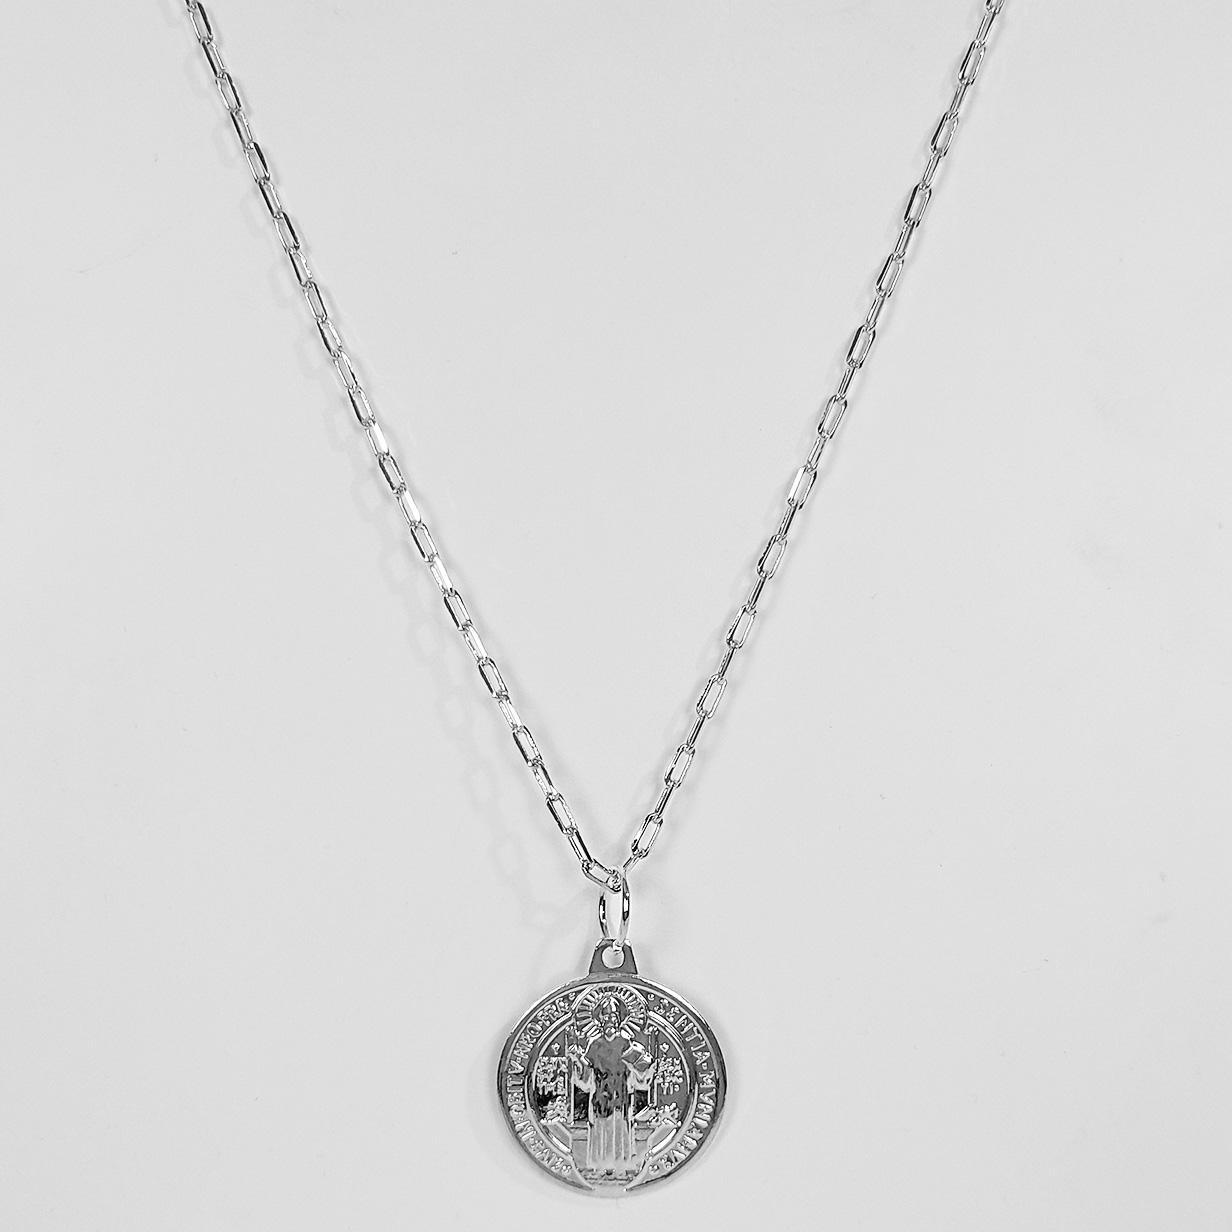 Colar Corrente Fecho Bóia Medalha São Bento Folheado Prata 1000  - Lunozê Joias